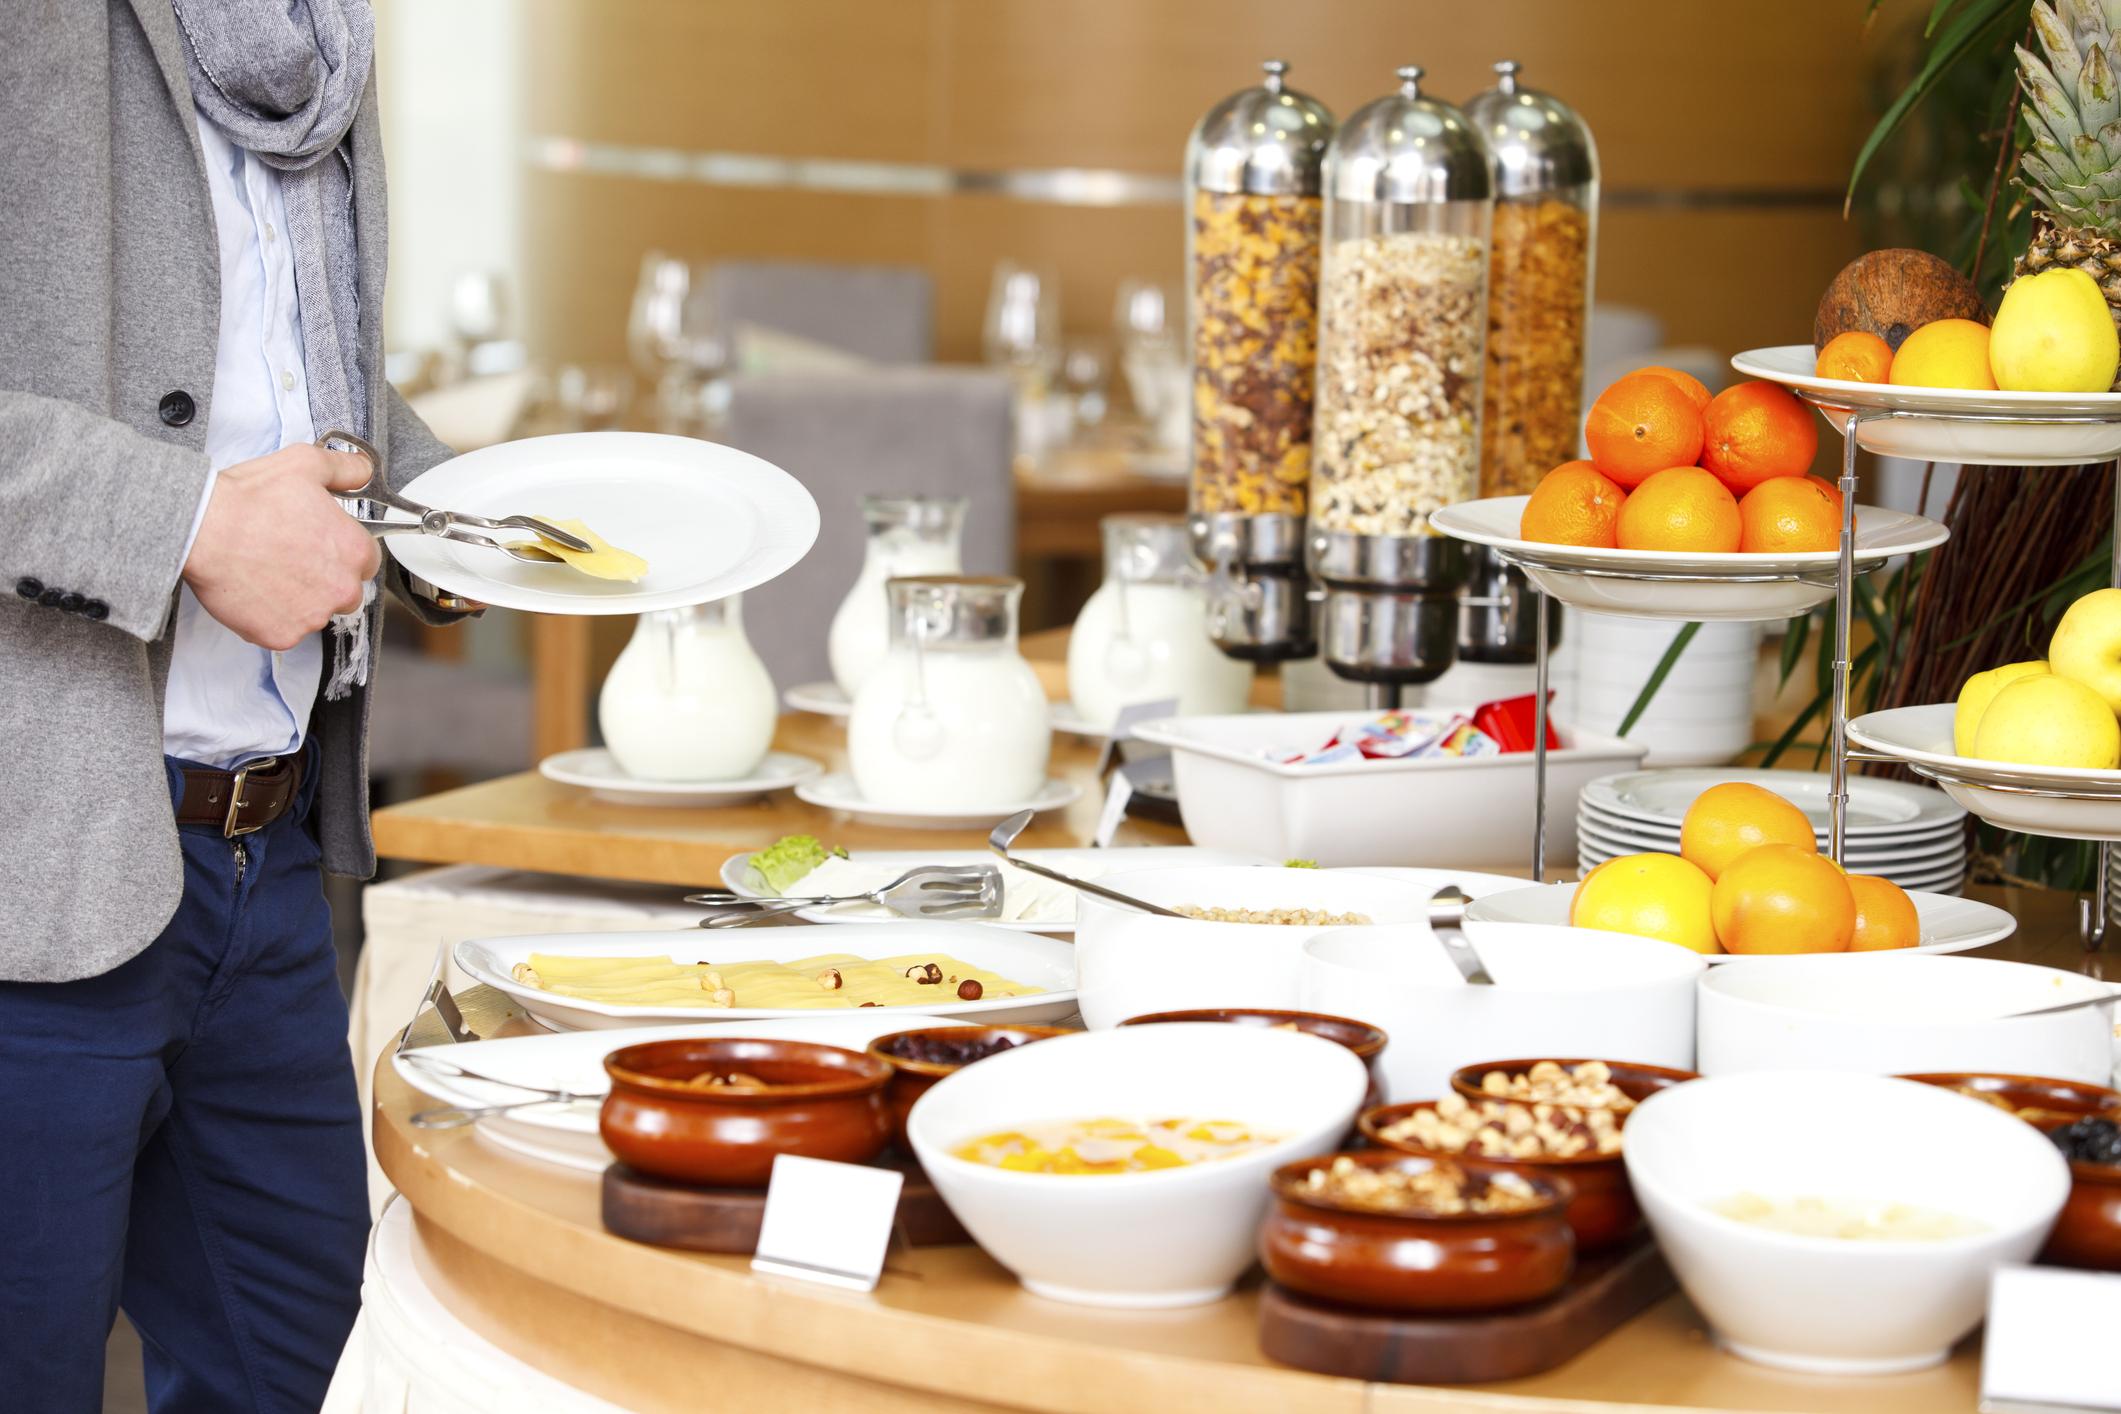 Das Frühstücksbuffet im Hotel